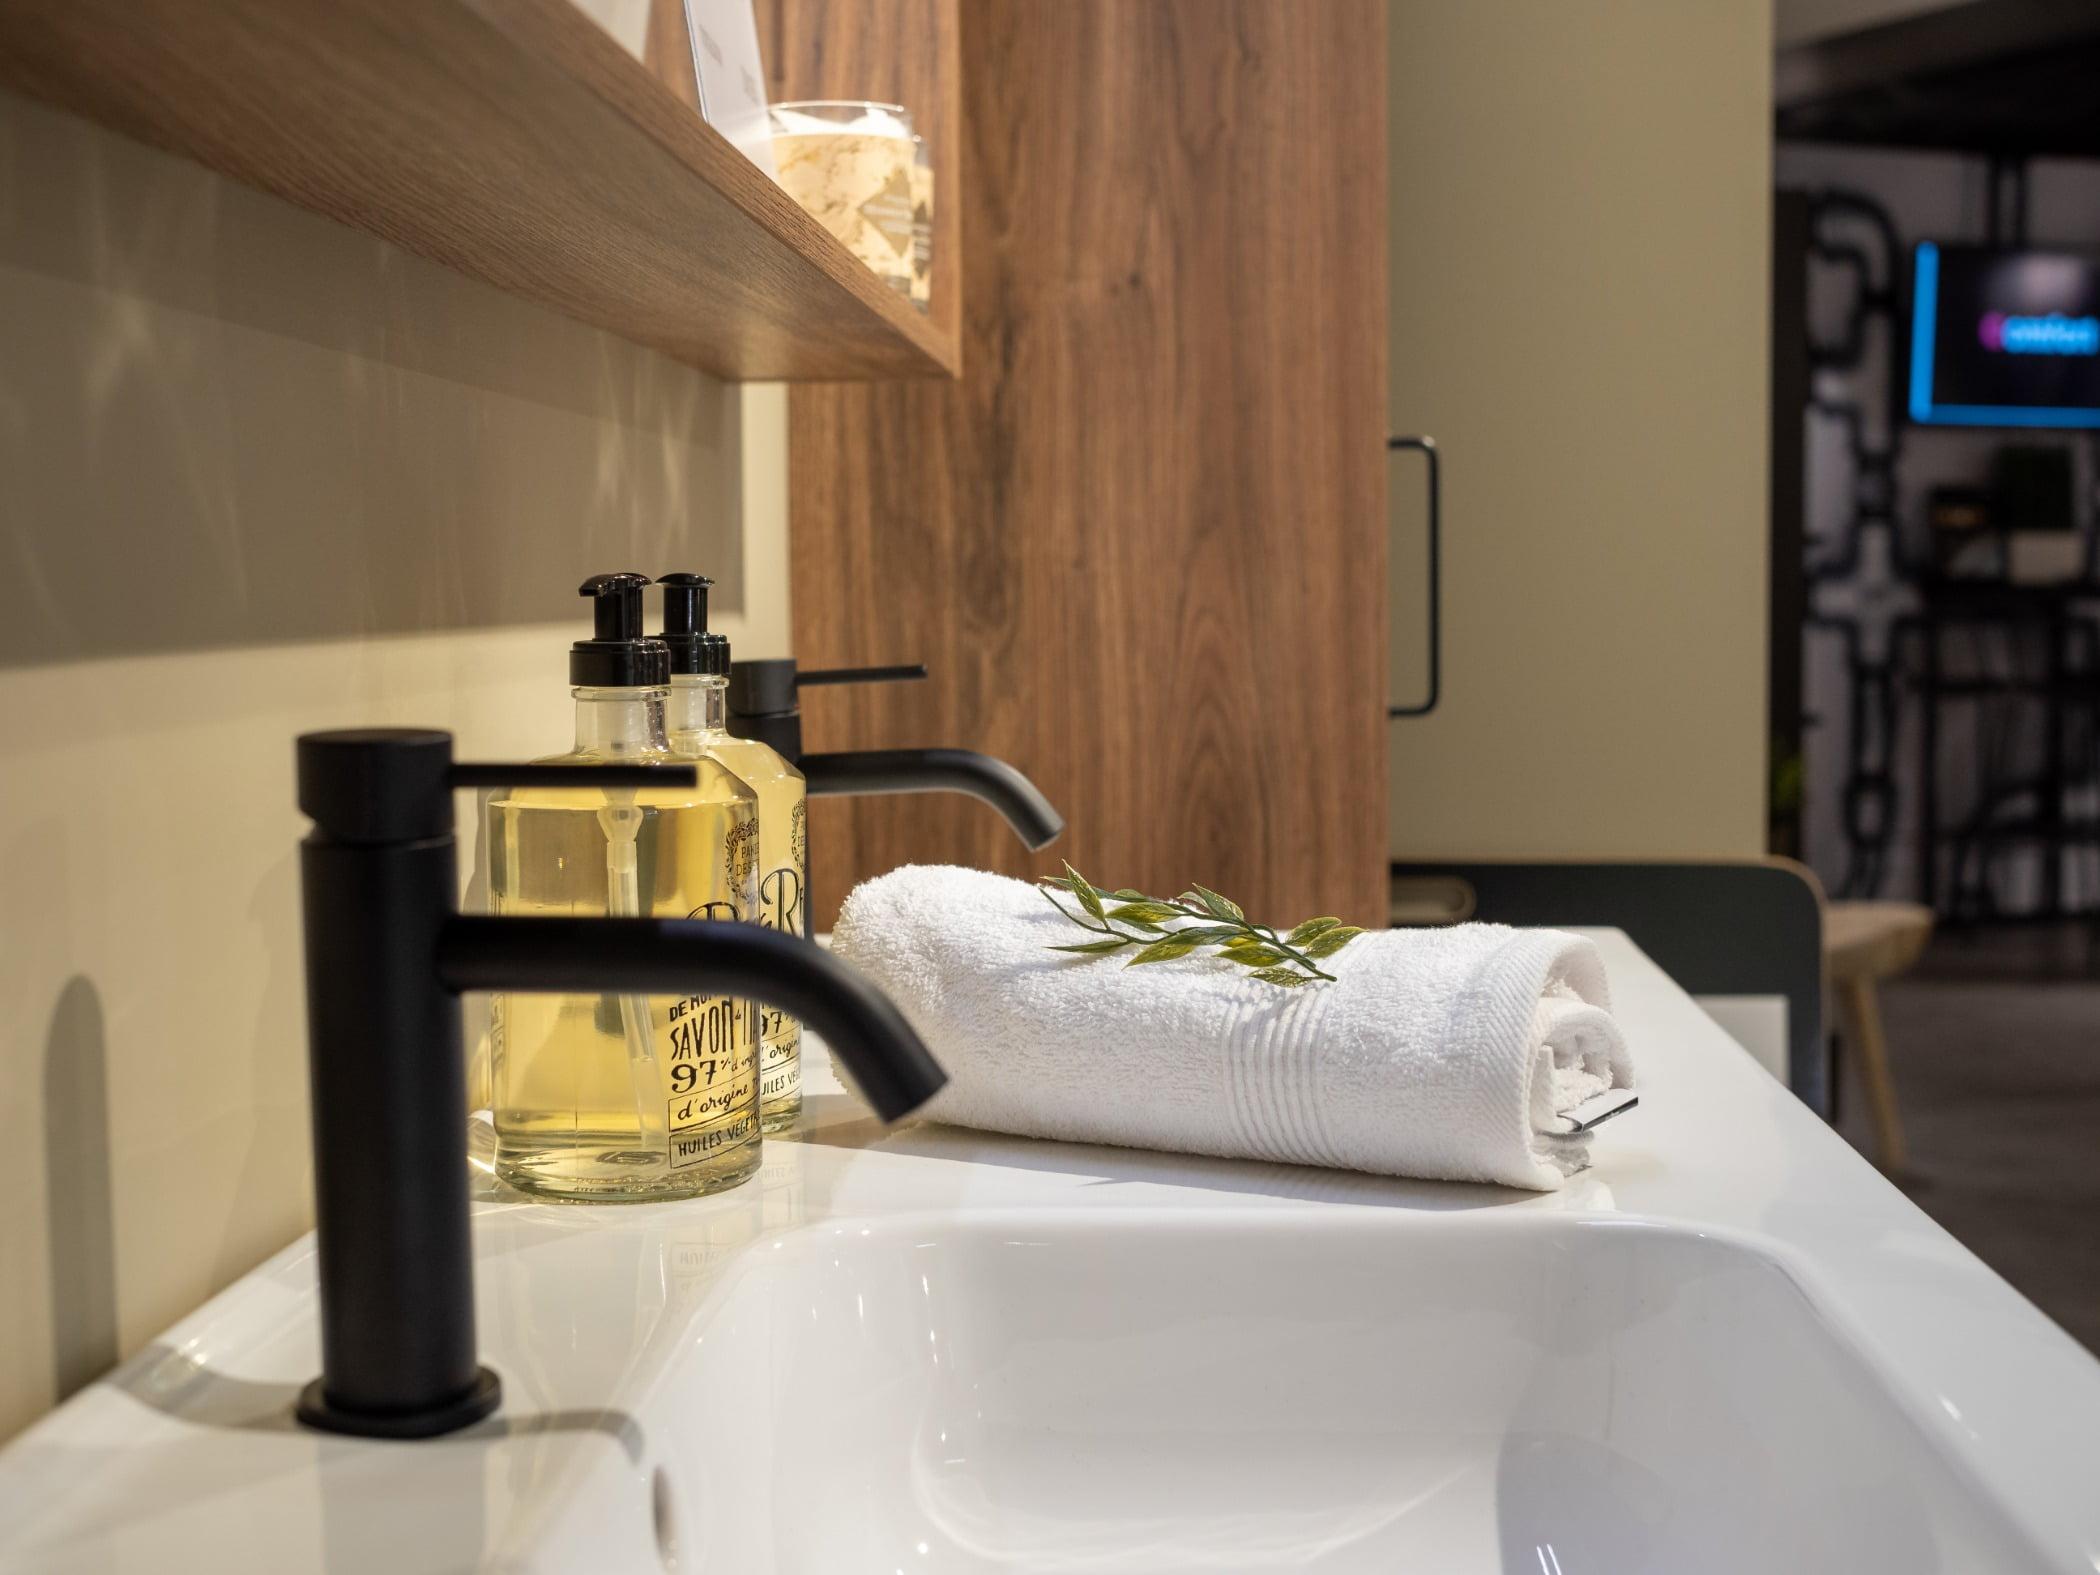 Plumbing fixture, Interior design, Property, Tap, Fluid, Lighting, Bathroom, Bathtub, Floor